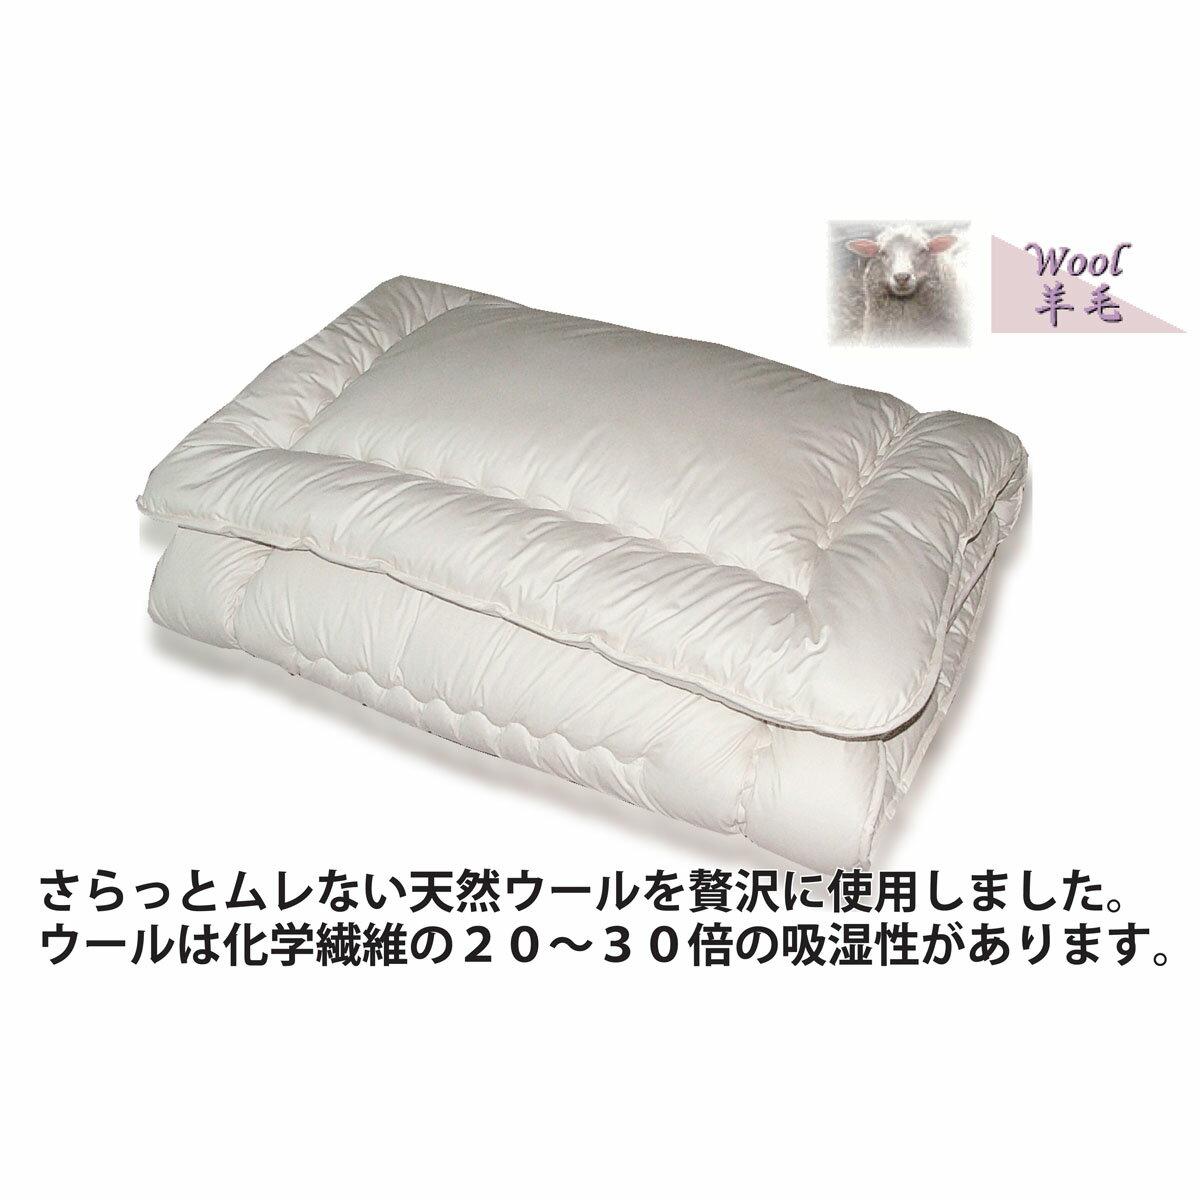 【ふるさと納税】D503 羊毛100%ピュアウール敷ふとん【1枚】